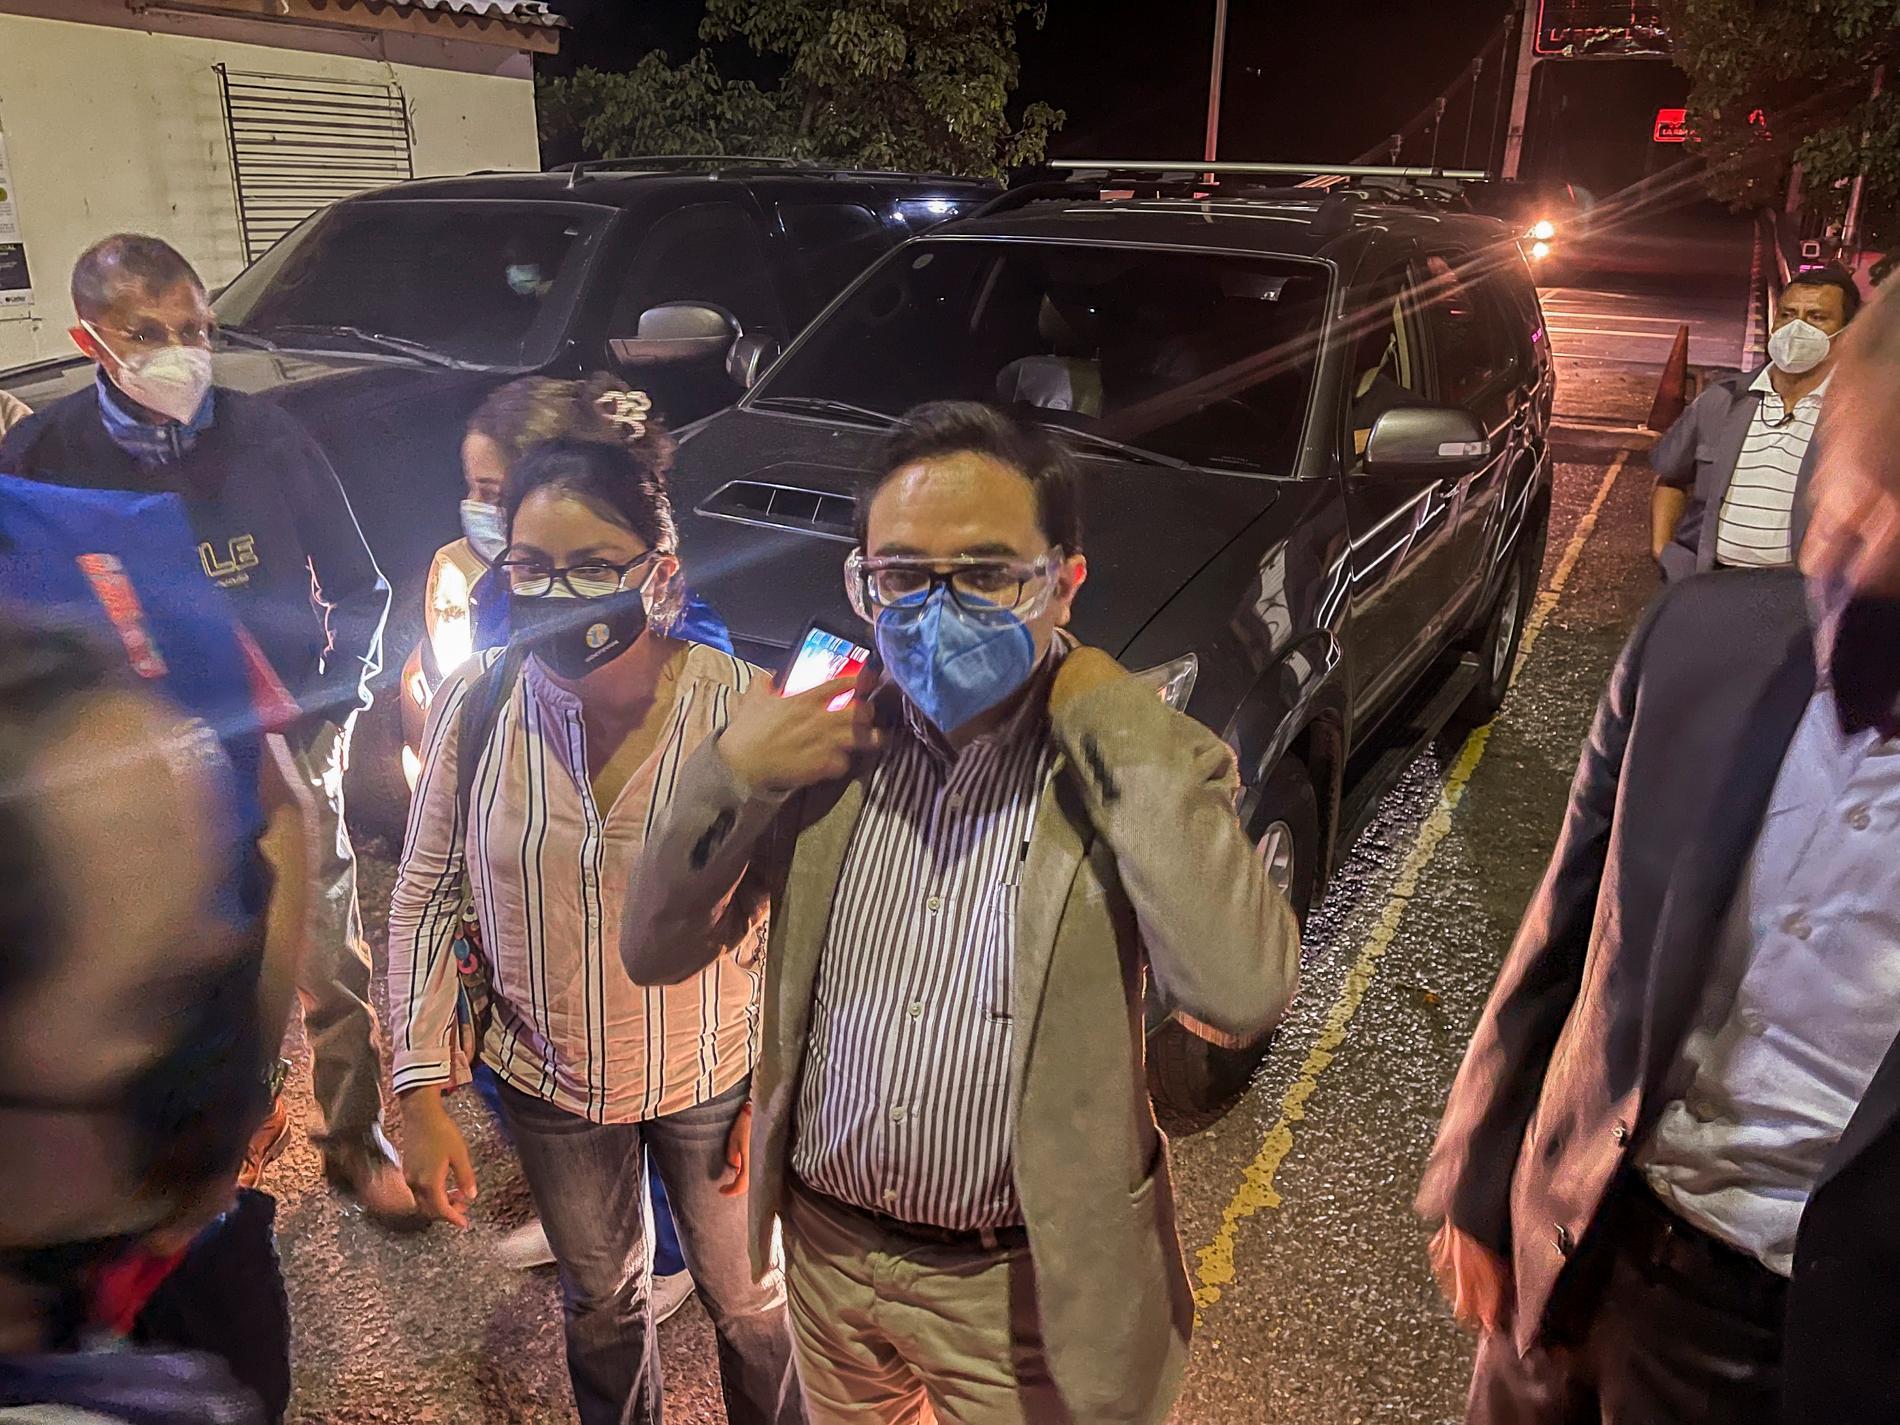 Antikorruptionsåklagaren Juan Francisco Sandoval (mitten) korsar gränsen till El Salvador på lördagsmorgonen den 24 juli.